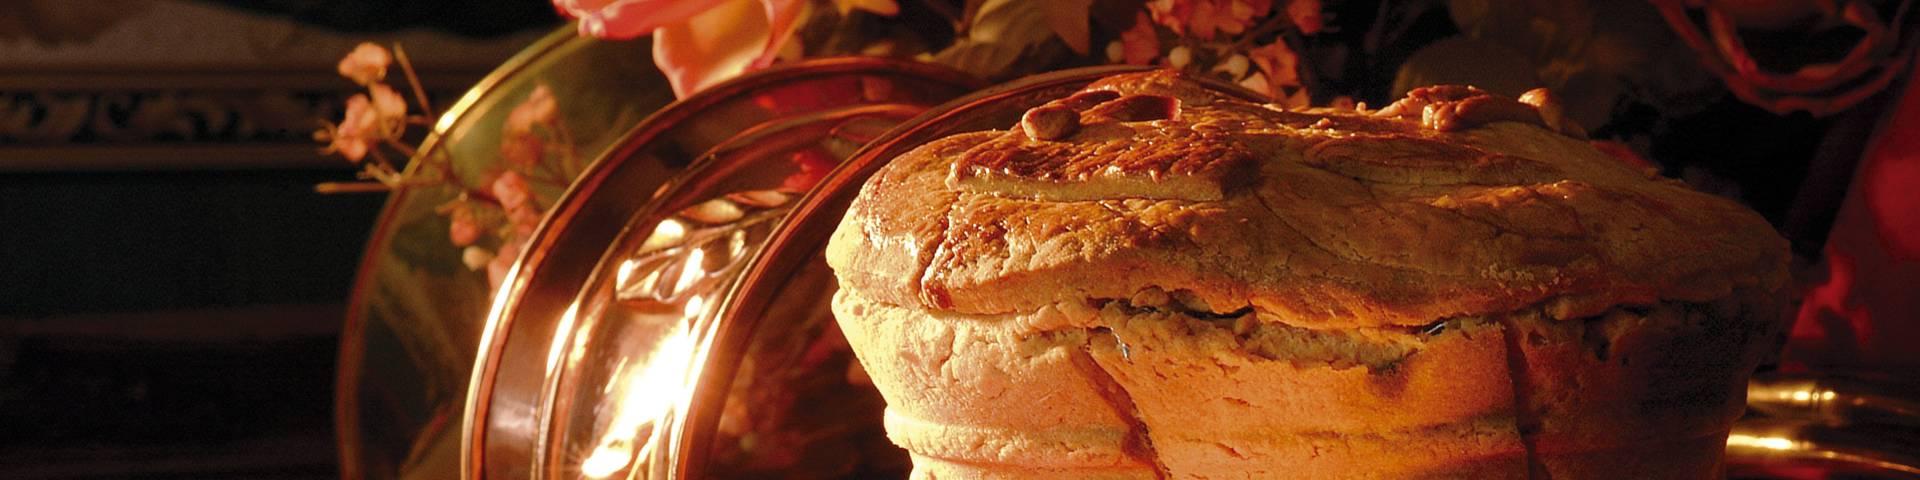 Pâte de Chartres en croute